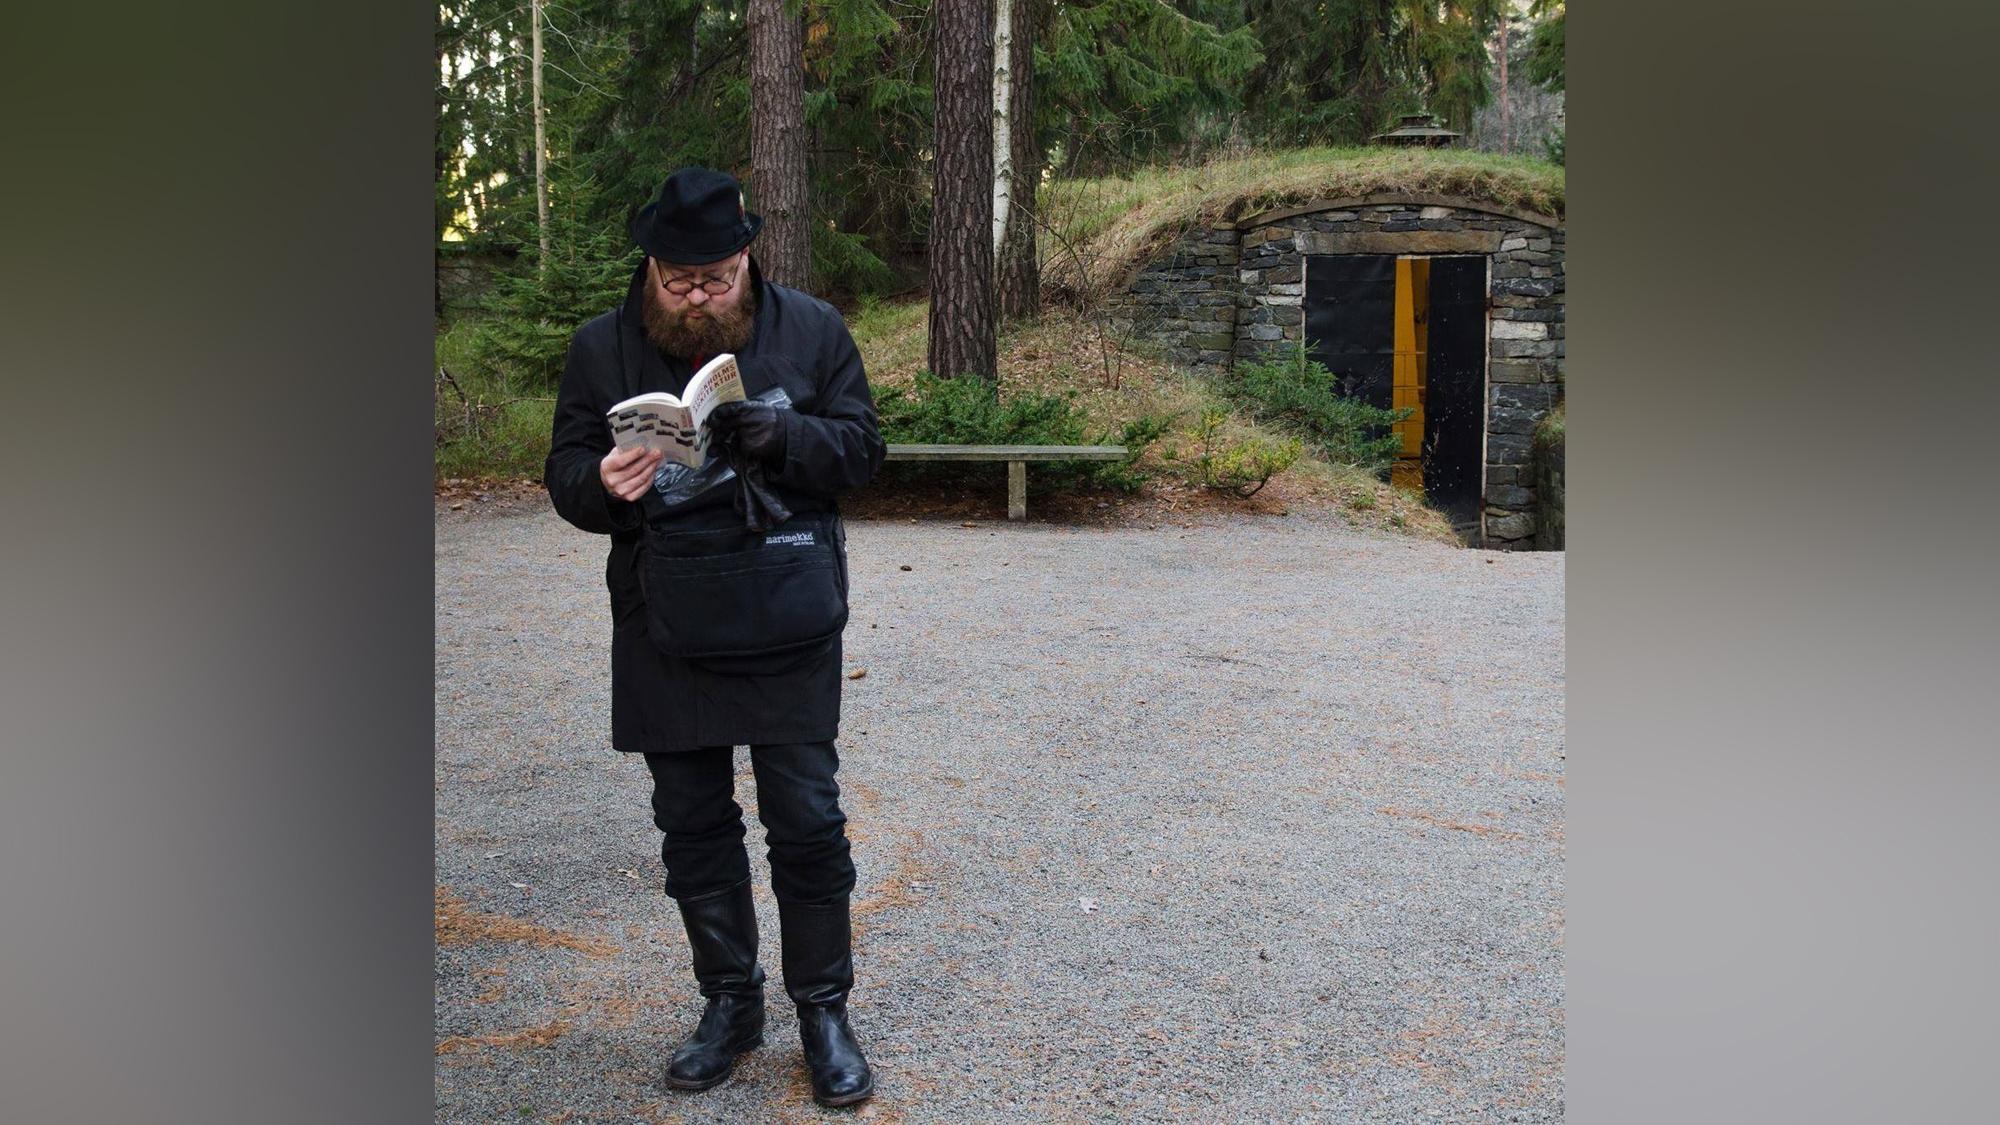 Mustiin pukeutunut parrakas ja silmälasipäinen henkilö seisoo hiekkakentällä ja lukee kirjaa. Taustalla näkyy metsää ja perunakellaria muistuttava rakennus, jonka ovi on auki.